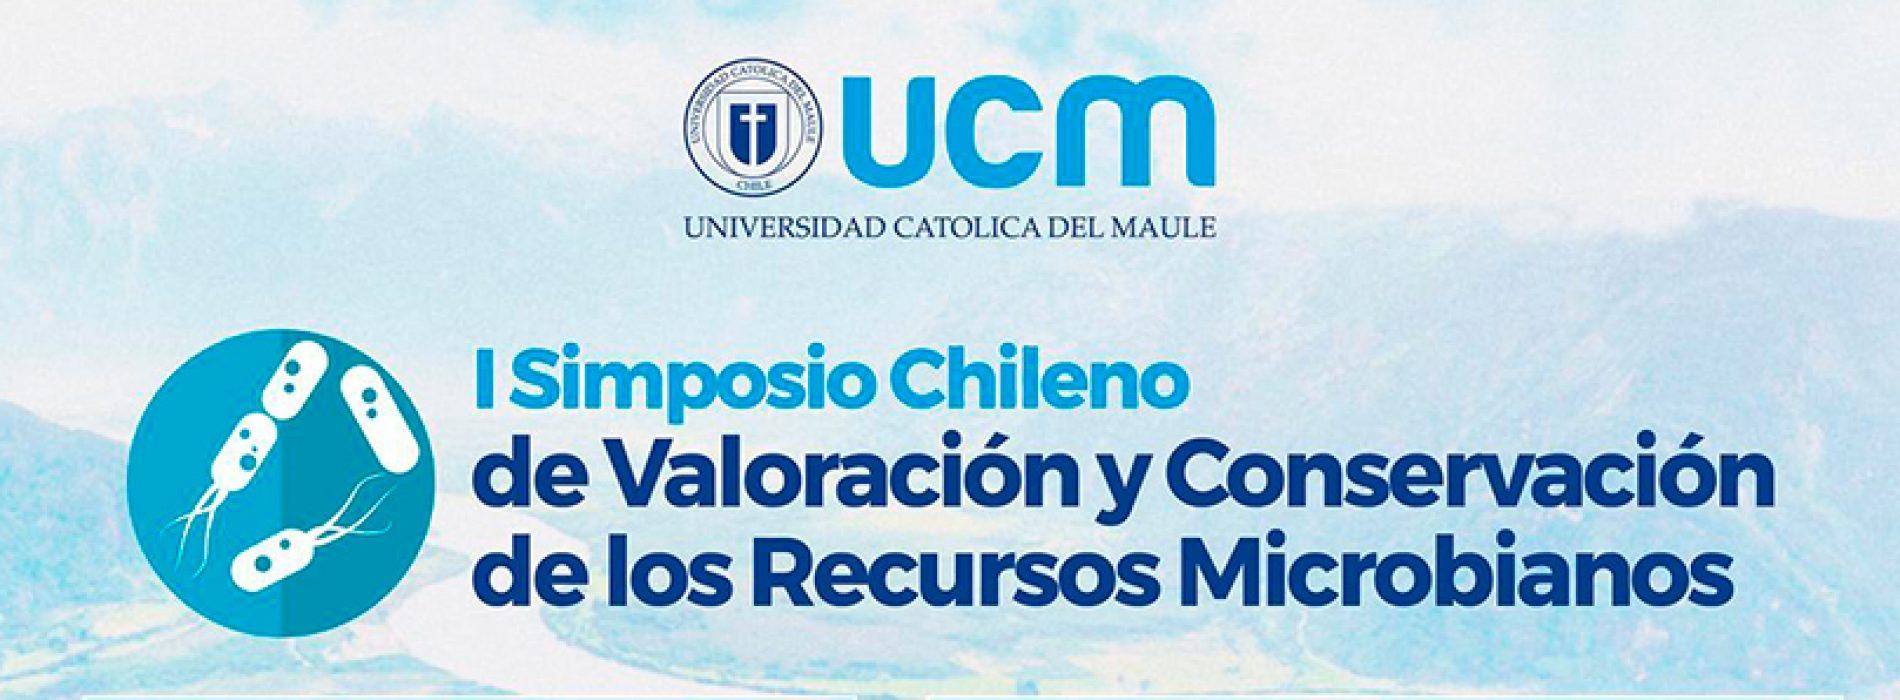 I Simposio Chileno de Valoración y Conservación de los Recursos Microbianos